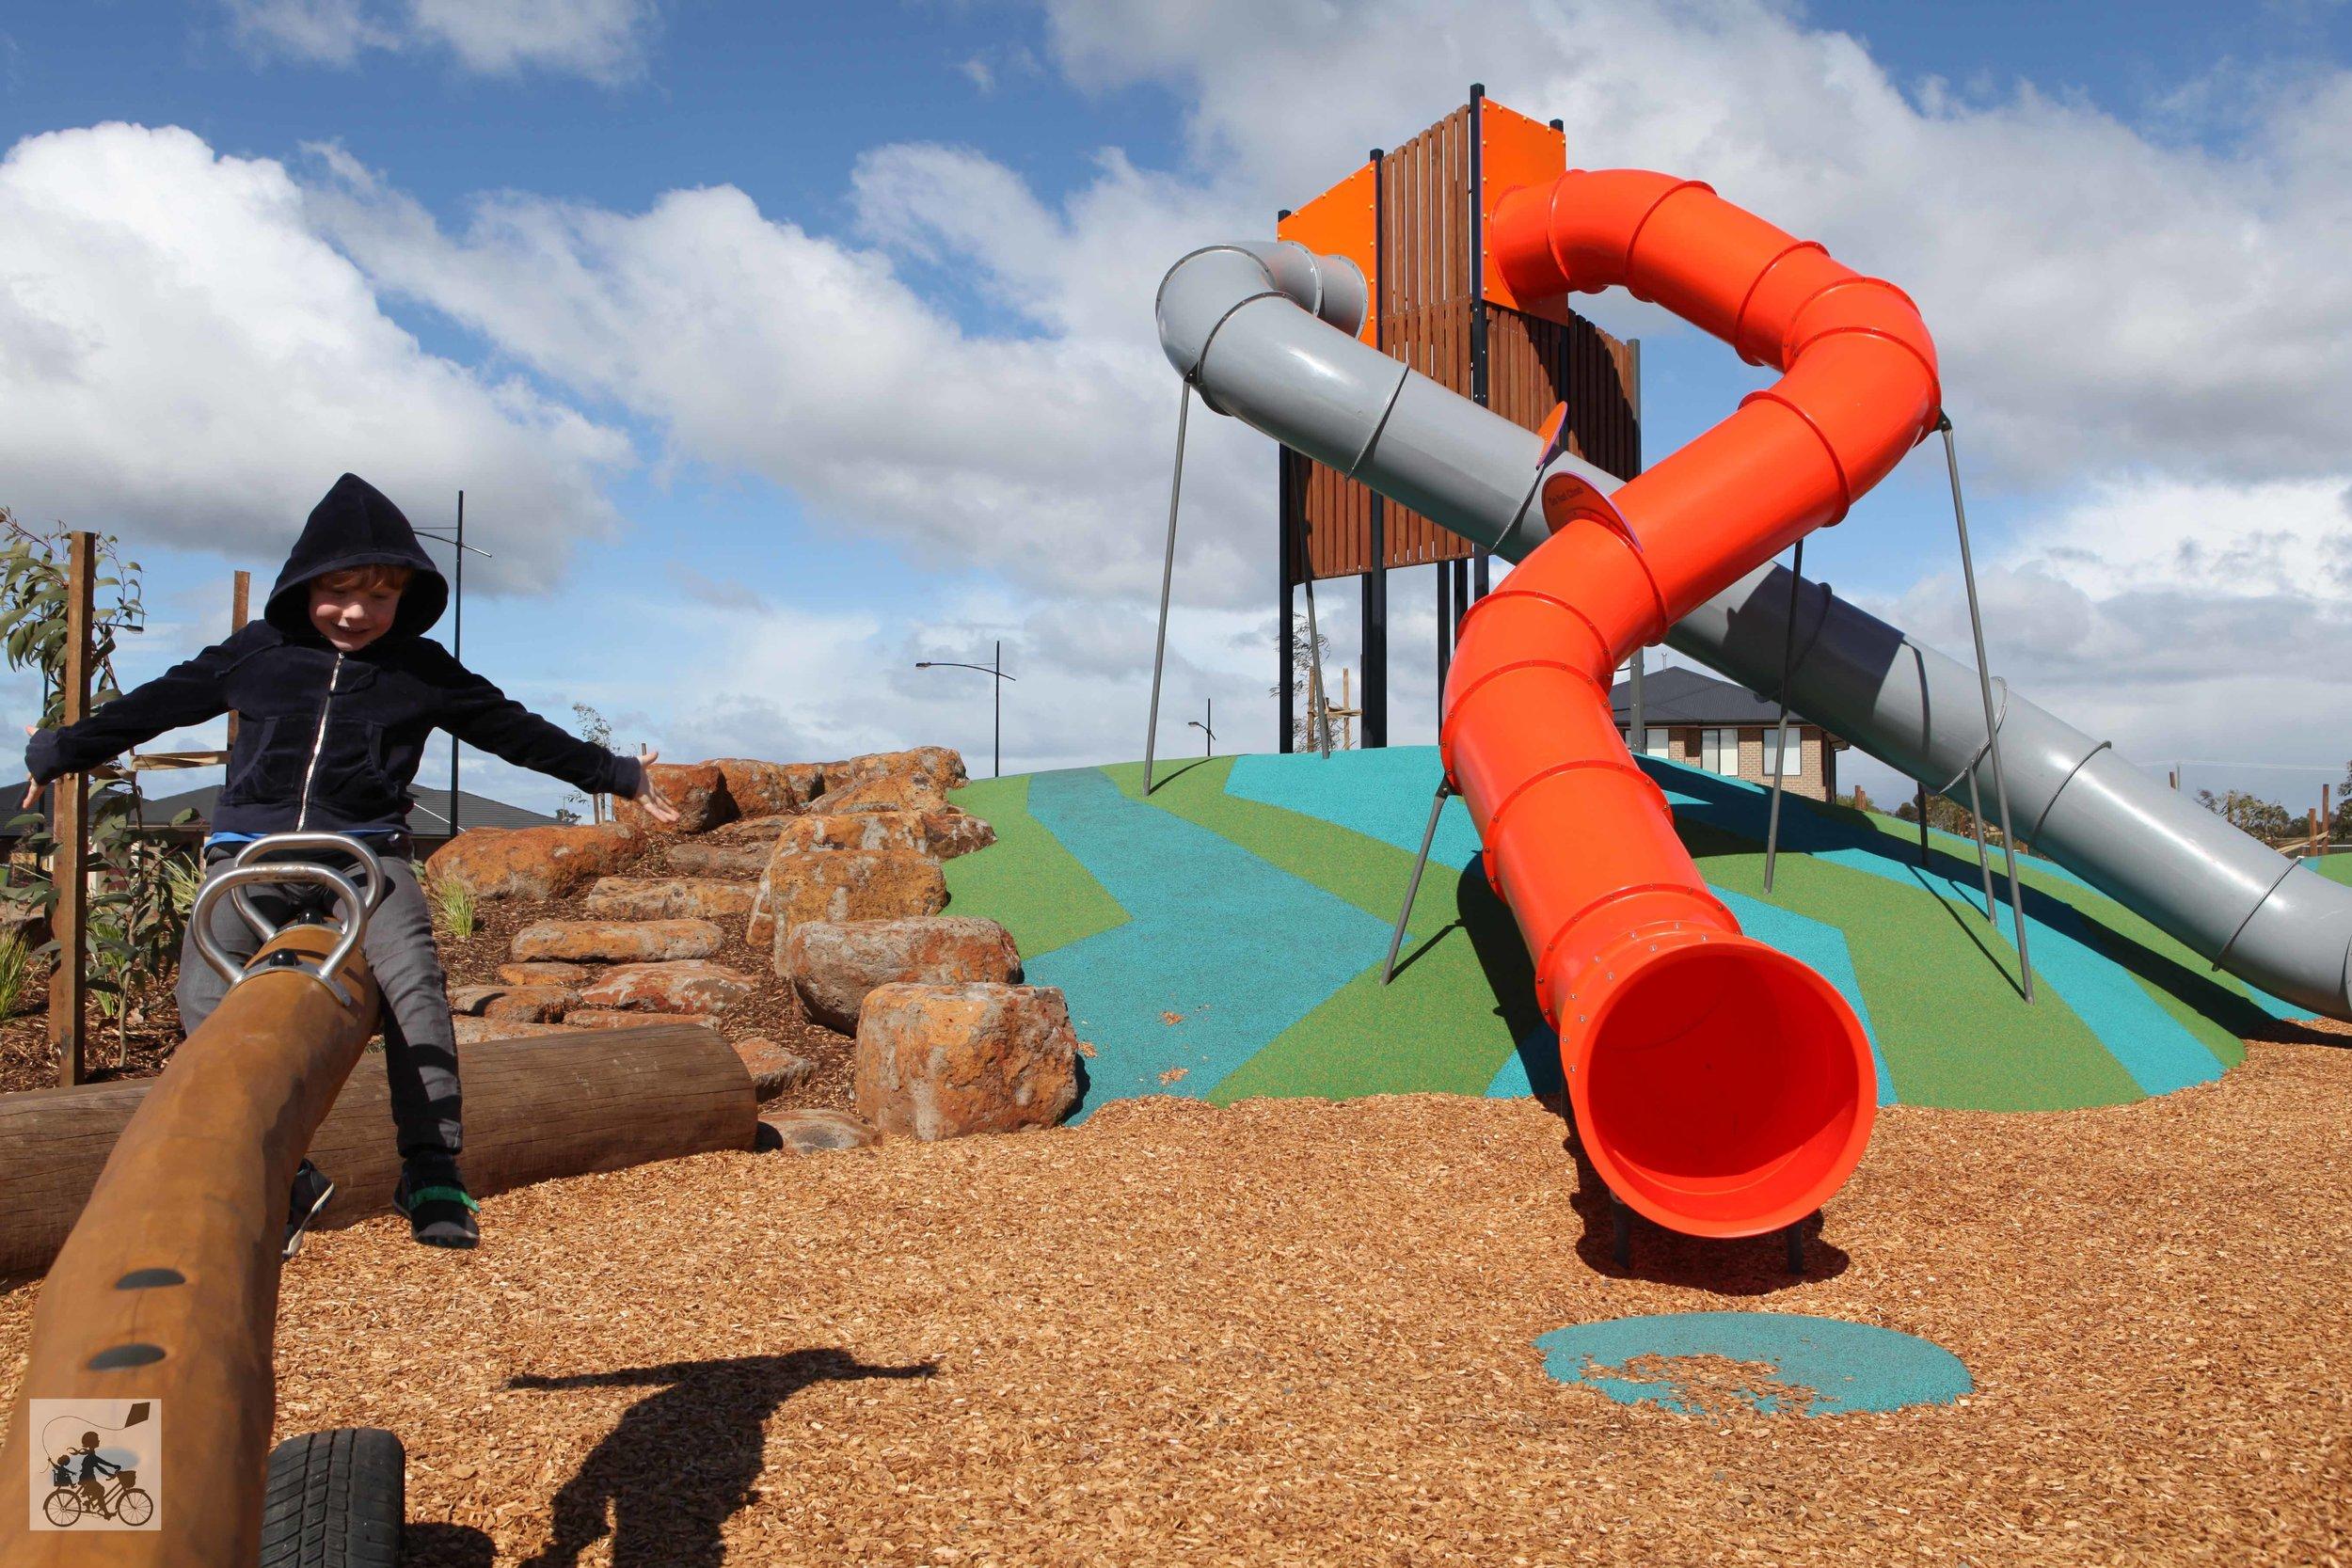 rockbank playground - mamma knows west